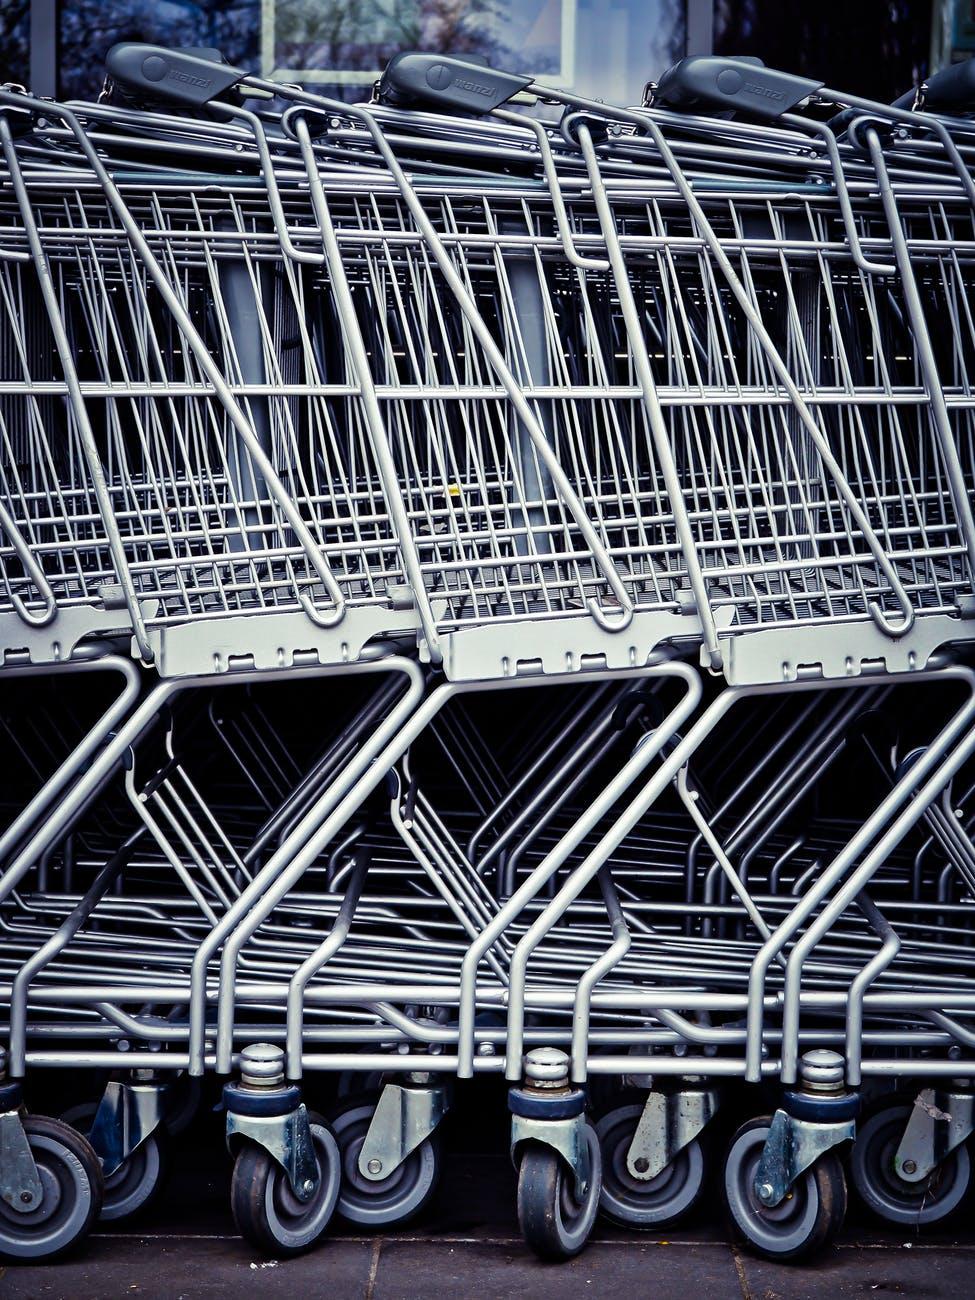 Nedēļas nogalēs slēgs tirdzniecības centrus, izņemot pārtikas veikalus, aptiekas un būvniecības veikalus